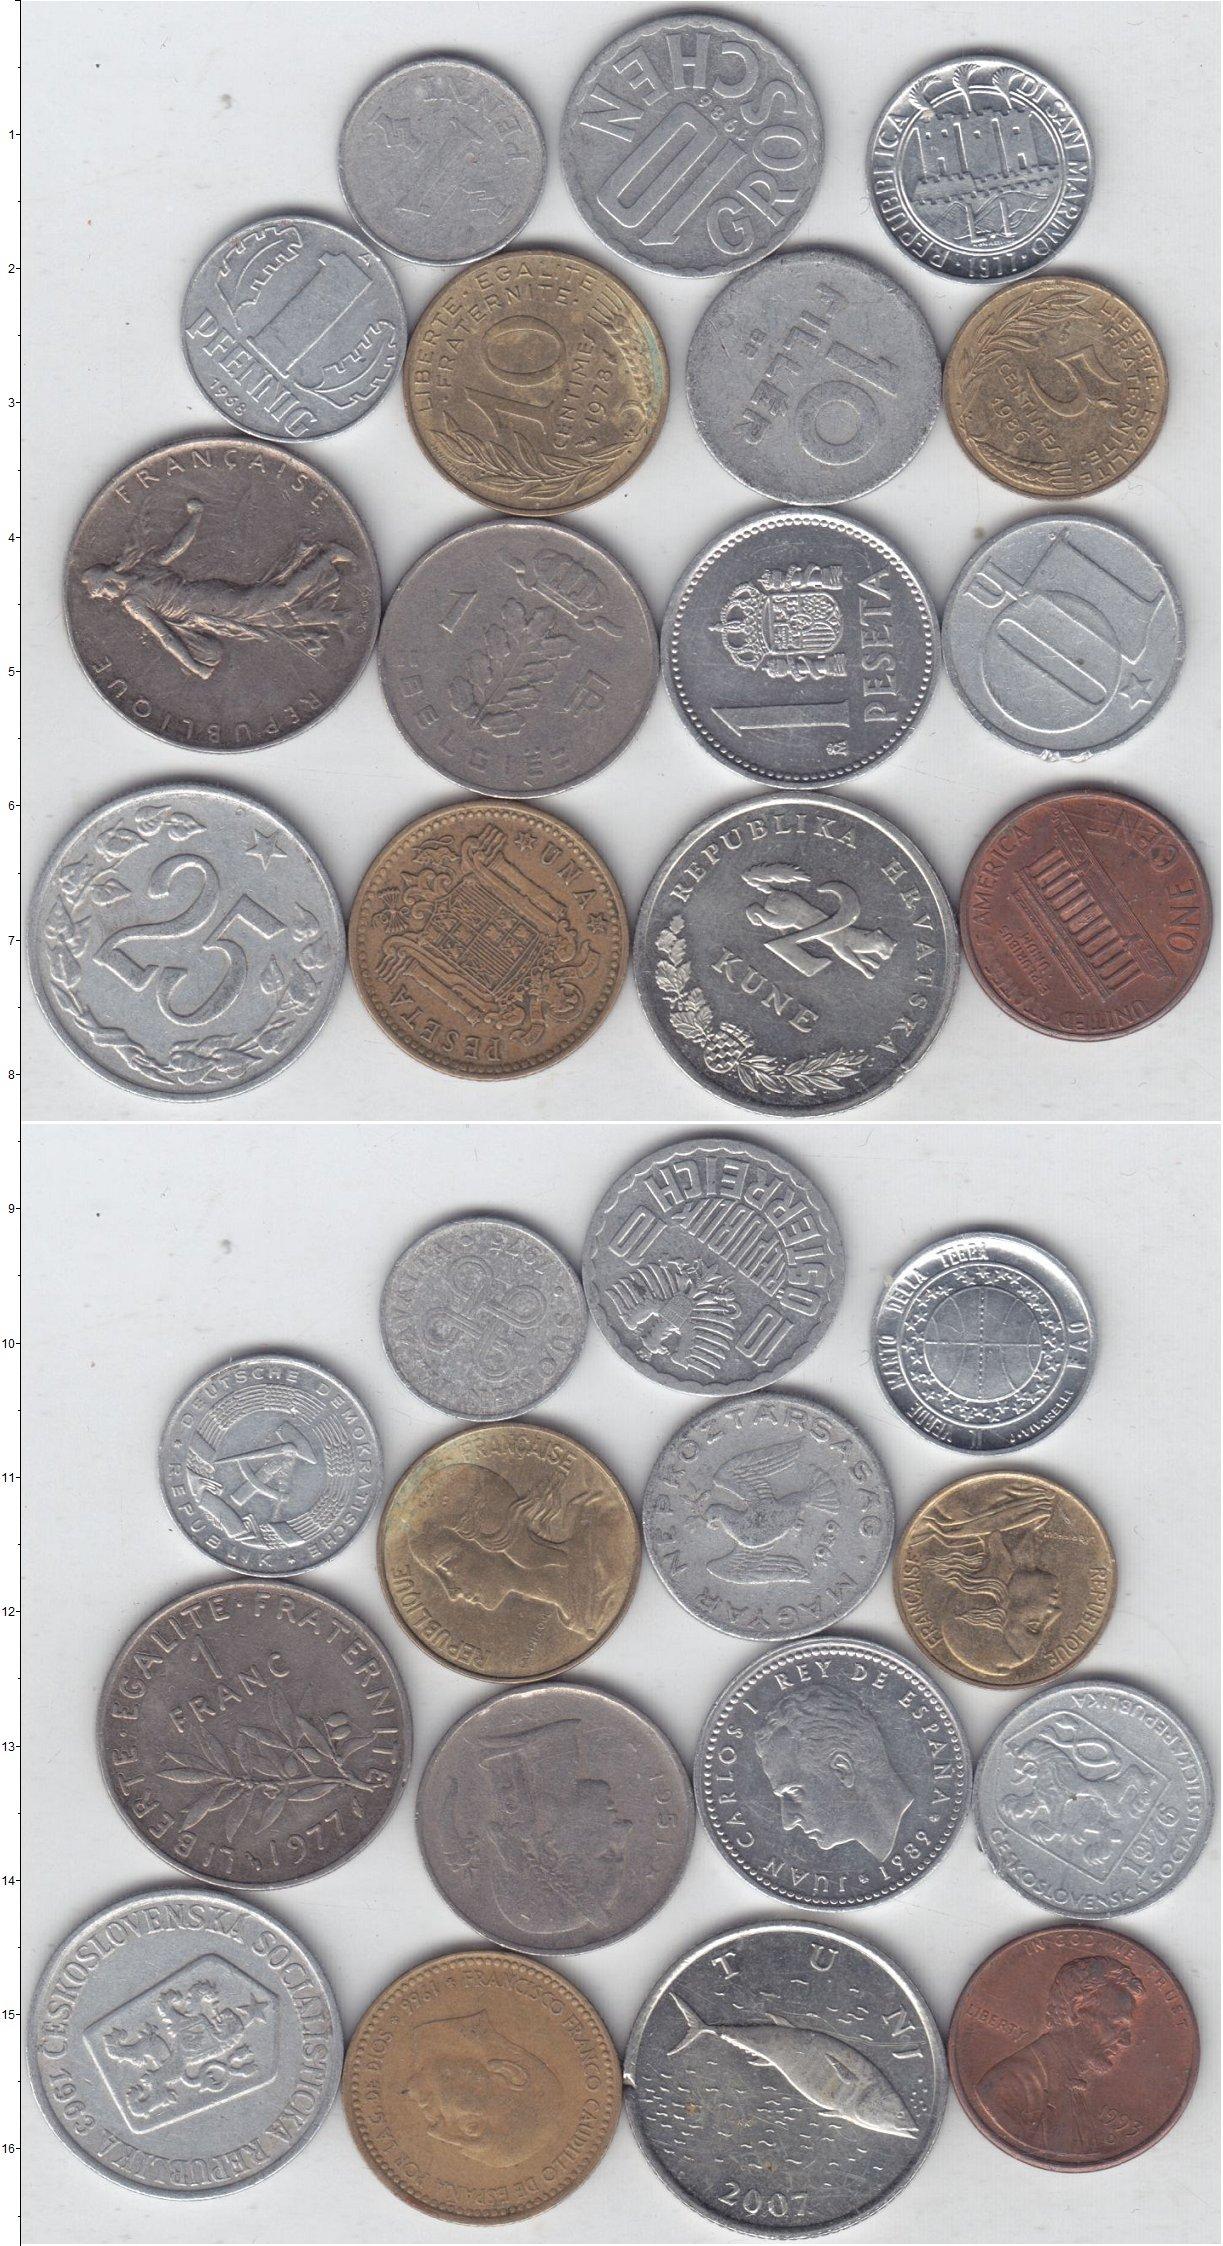 Картинка Лоты монет для начинающих нумизматов Монеты стран мира Лот №01300  0